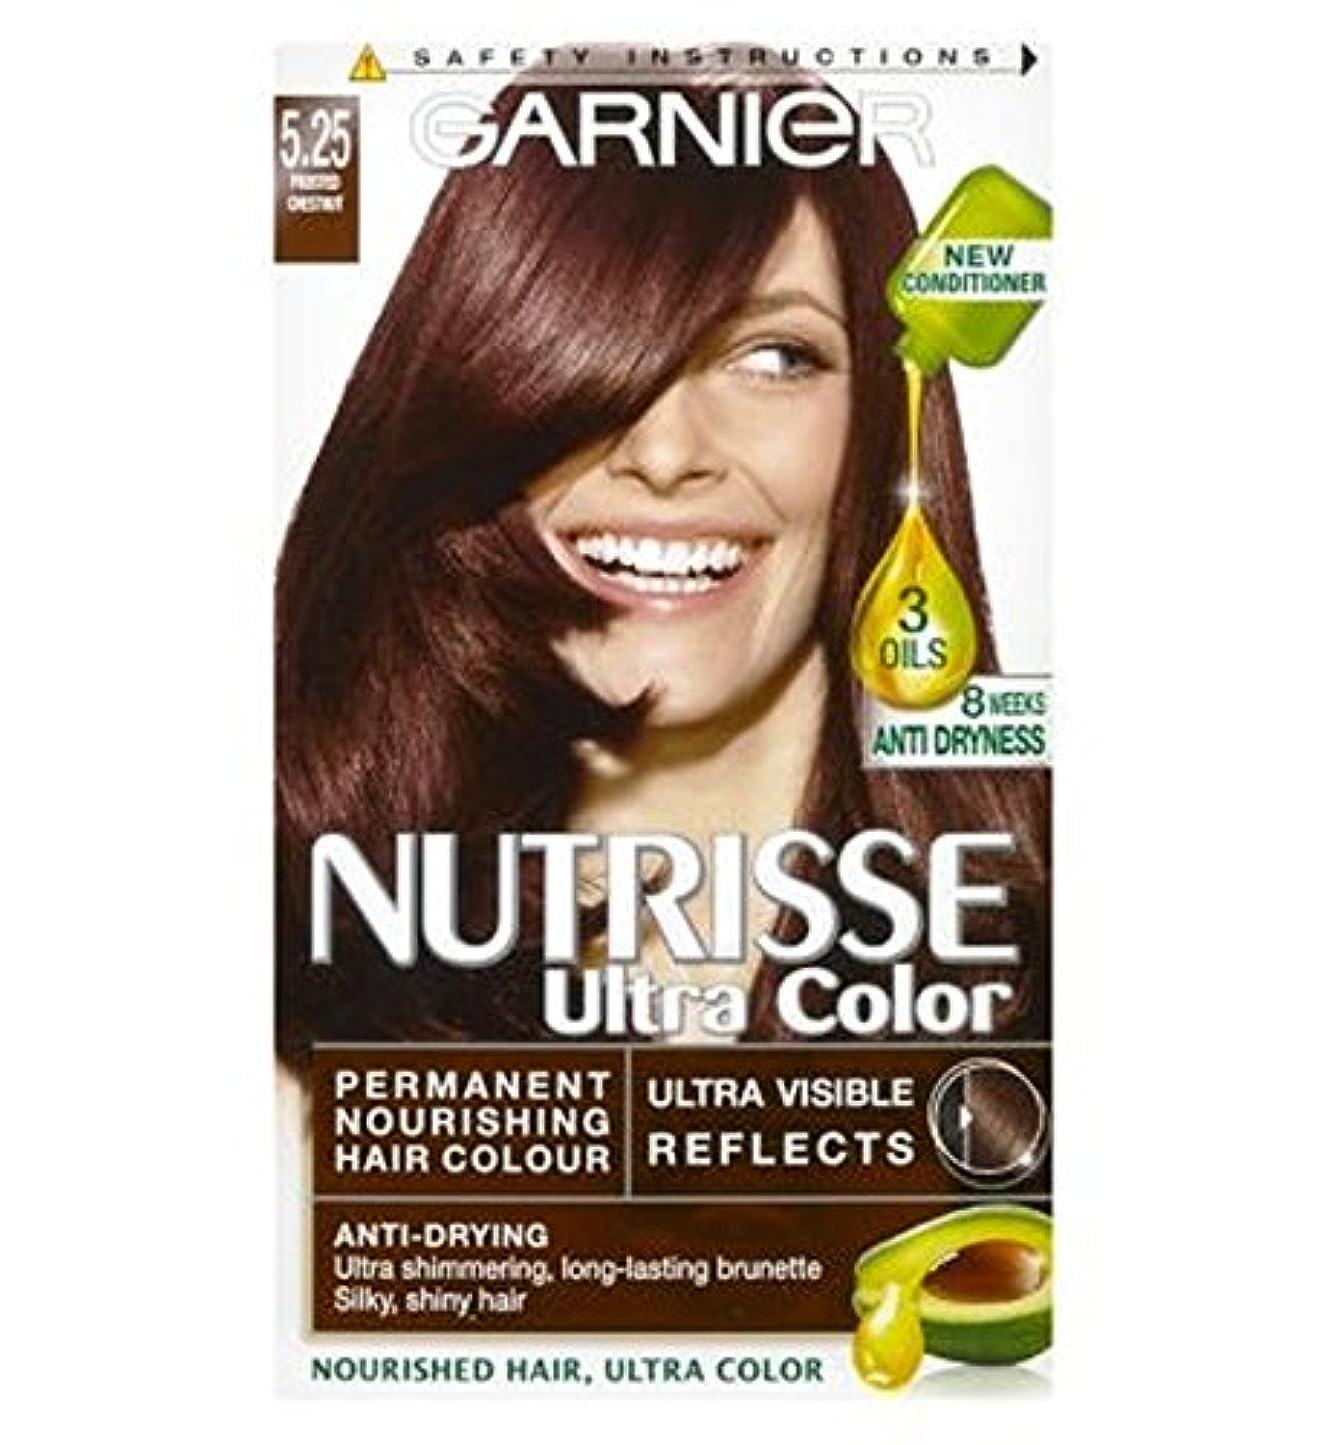 メアリアンジョーンズシネウィ記者Nutrisse Ultra Permanent Hair Colour 5.25 Chestnut - Nutrisse超パーマネントヘアカラー5.25栗 (Garnier) [並行輸入品]